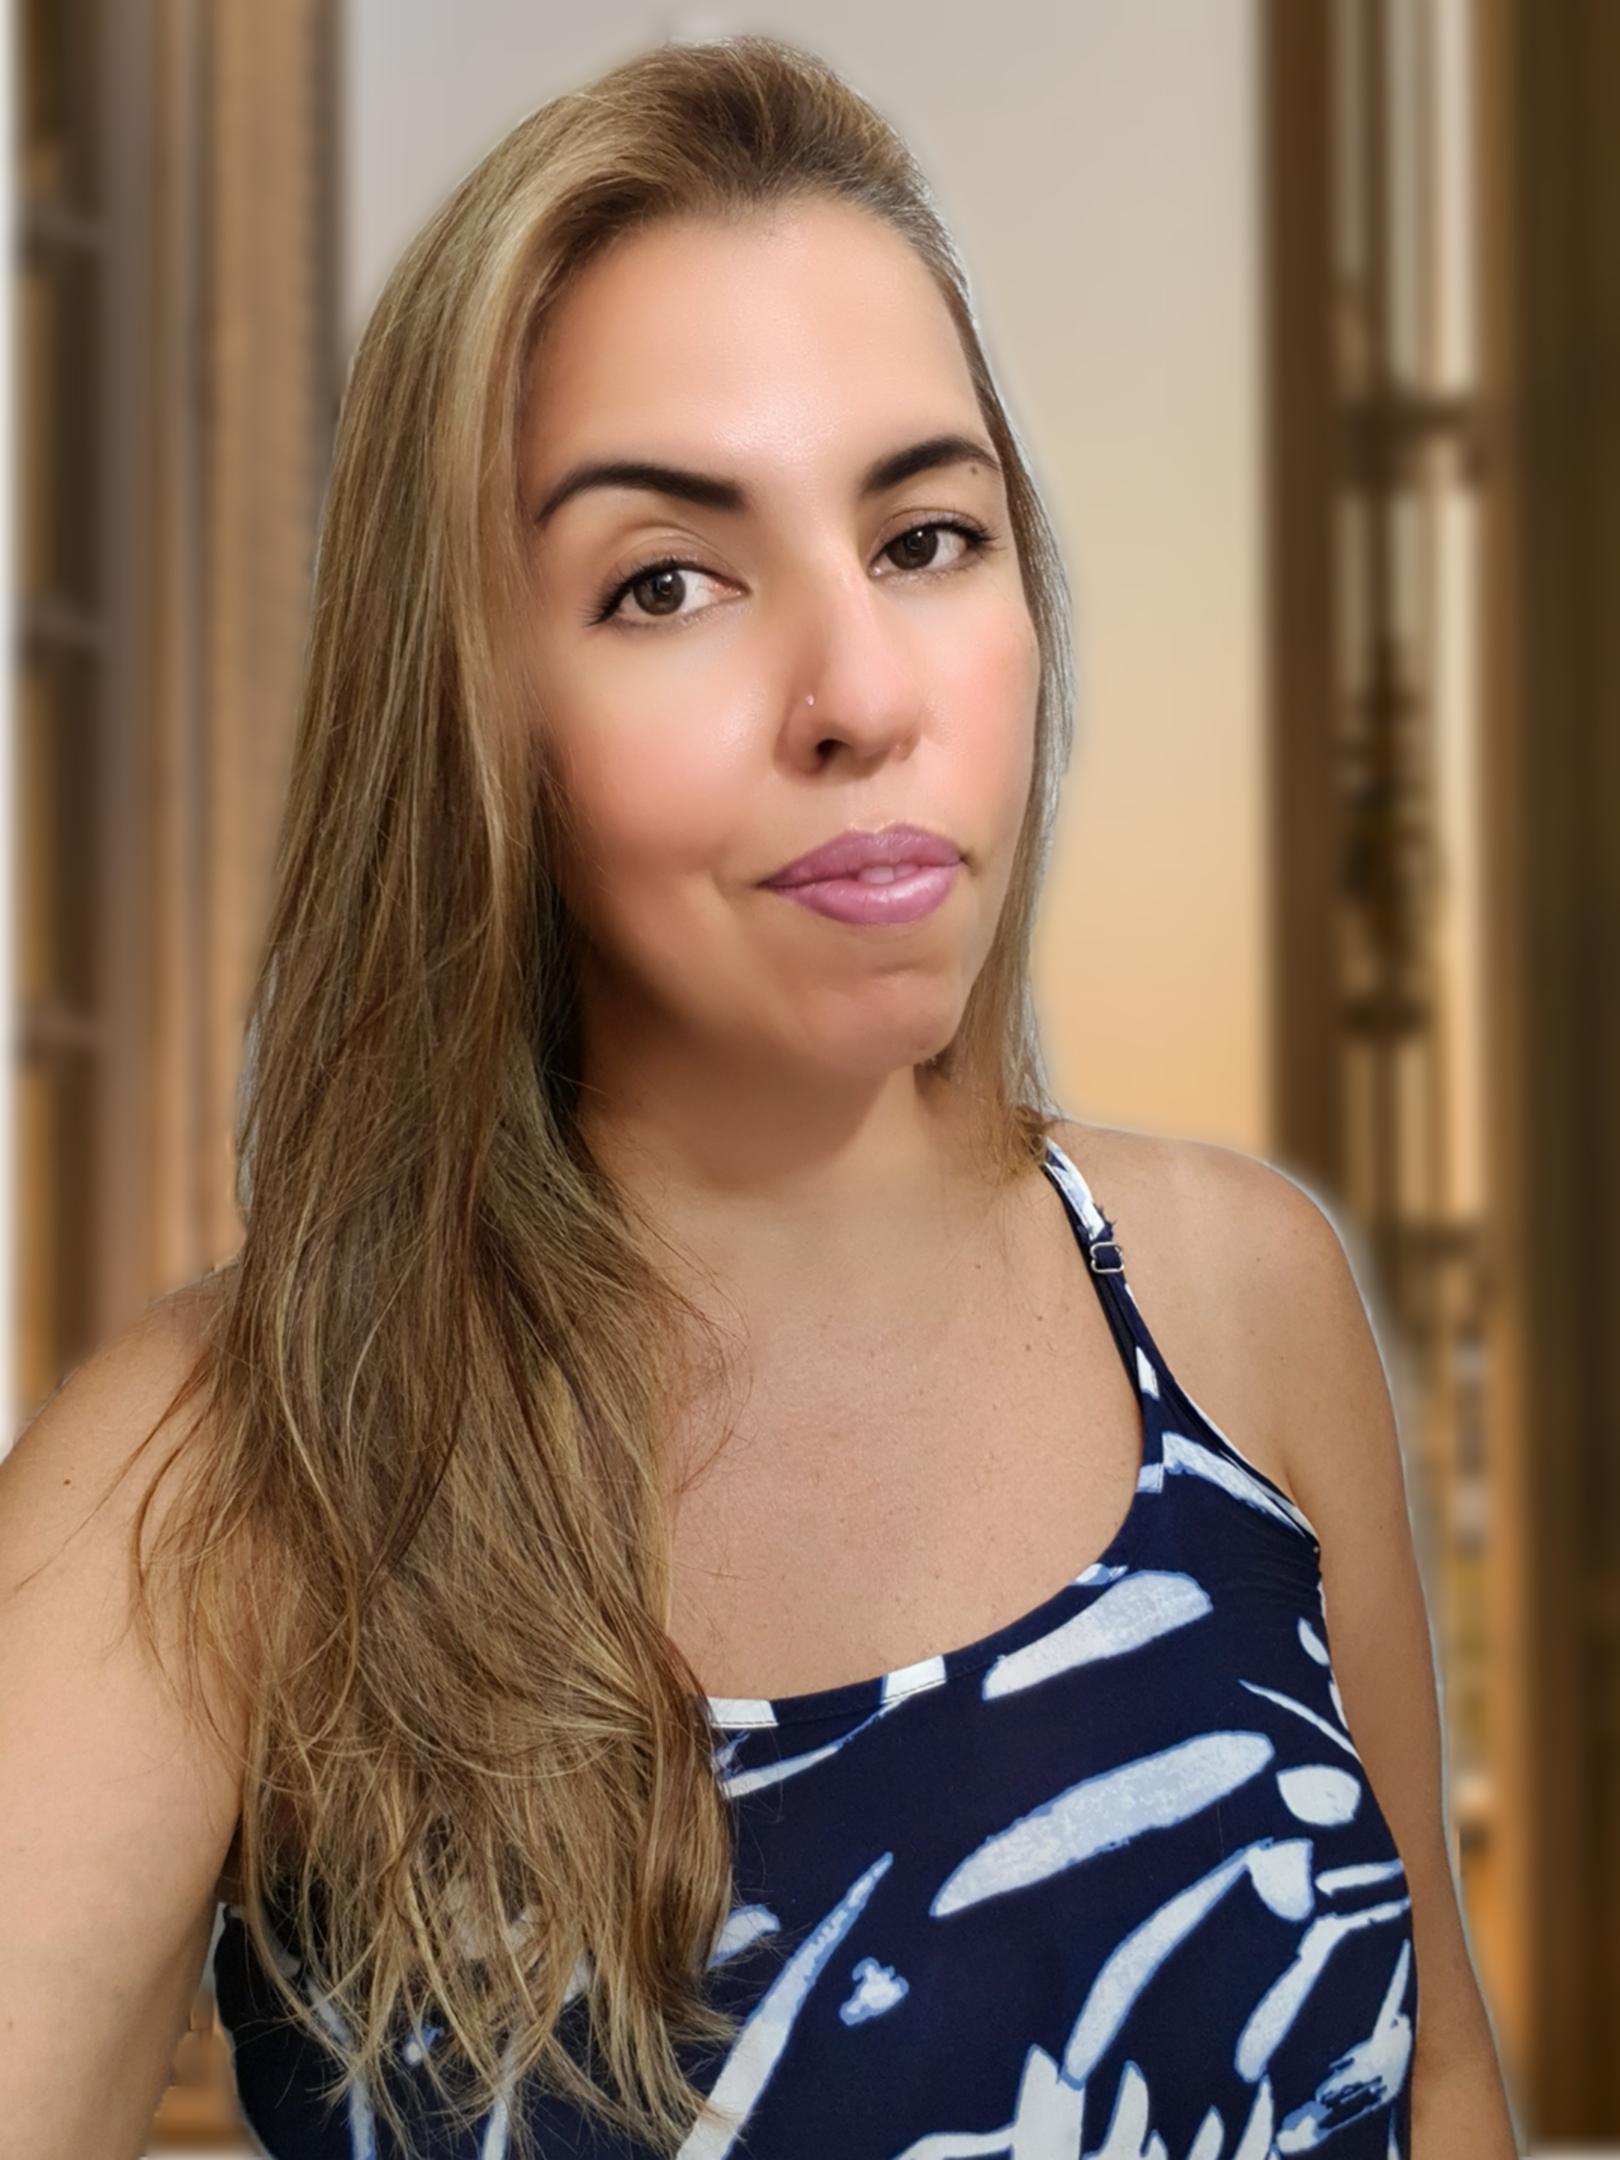 Cristhina Santhos